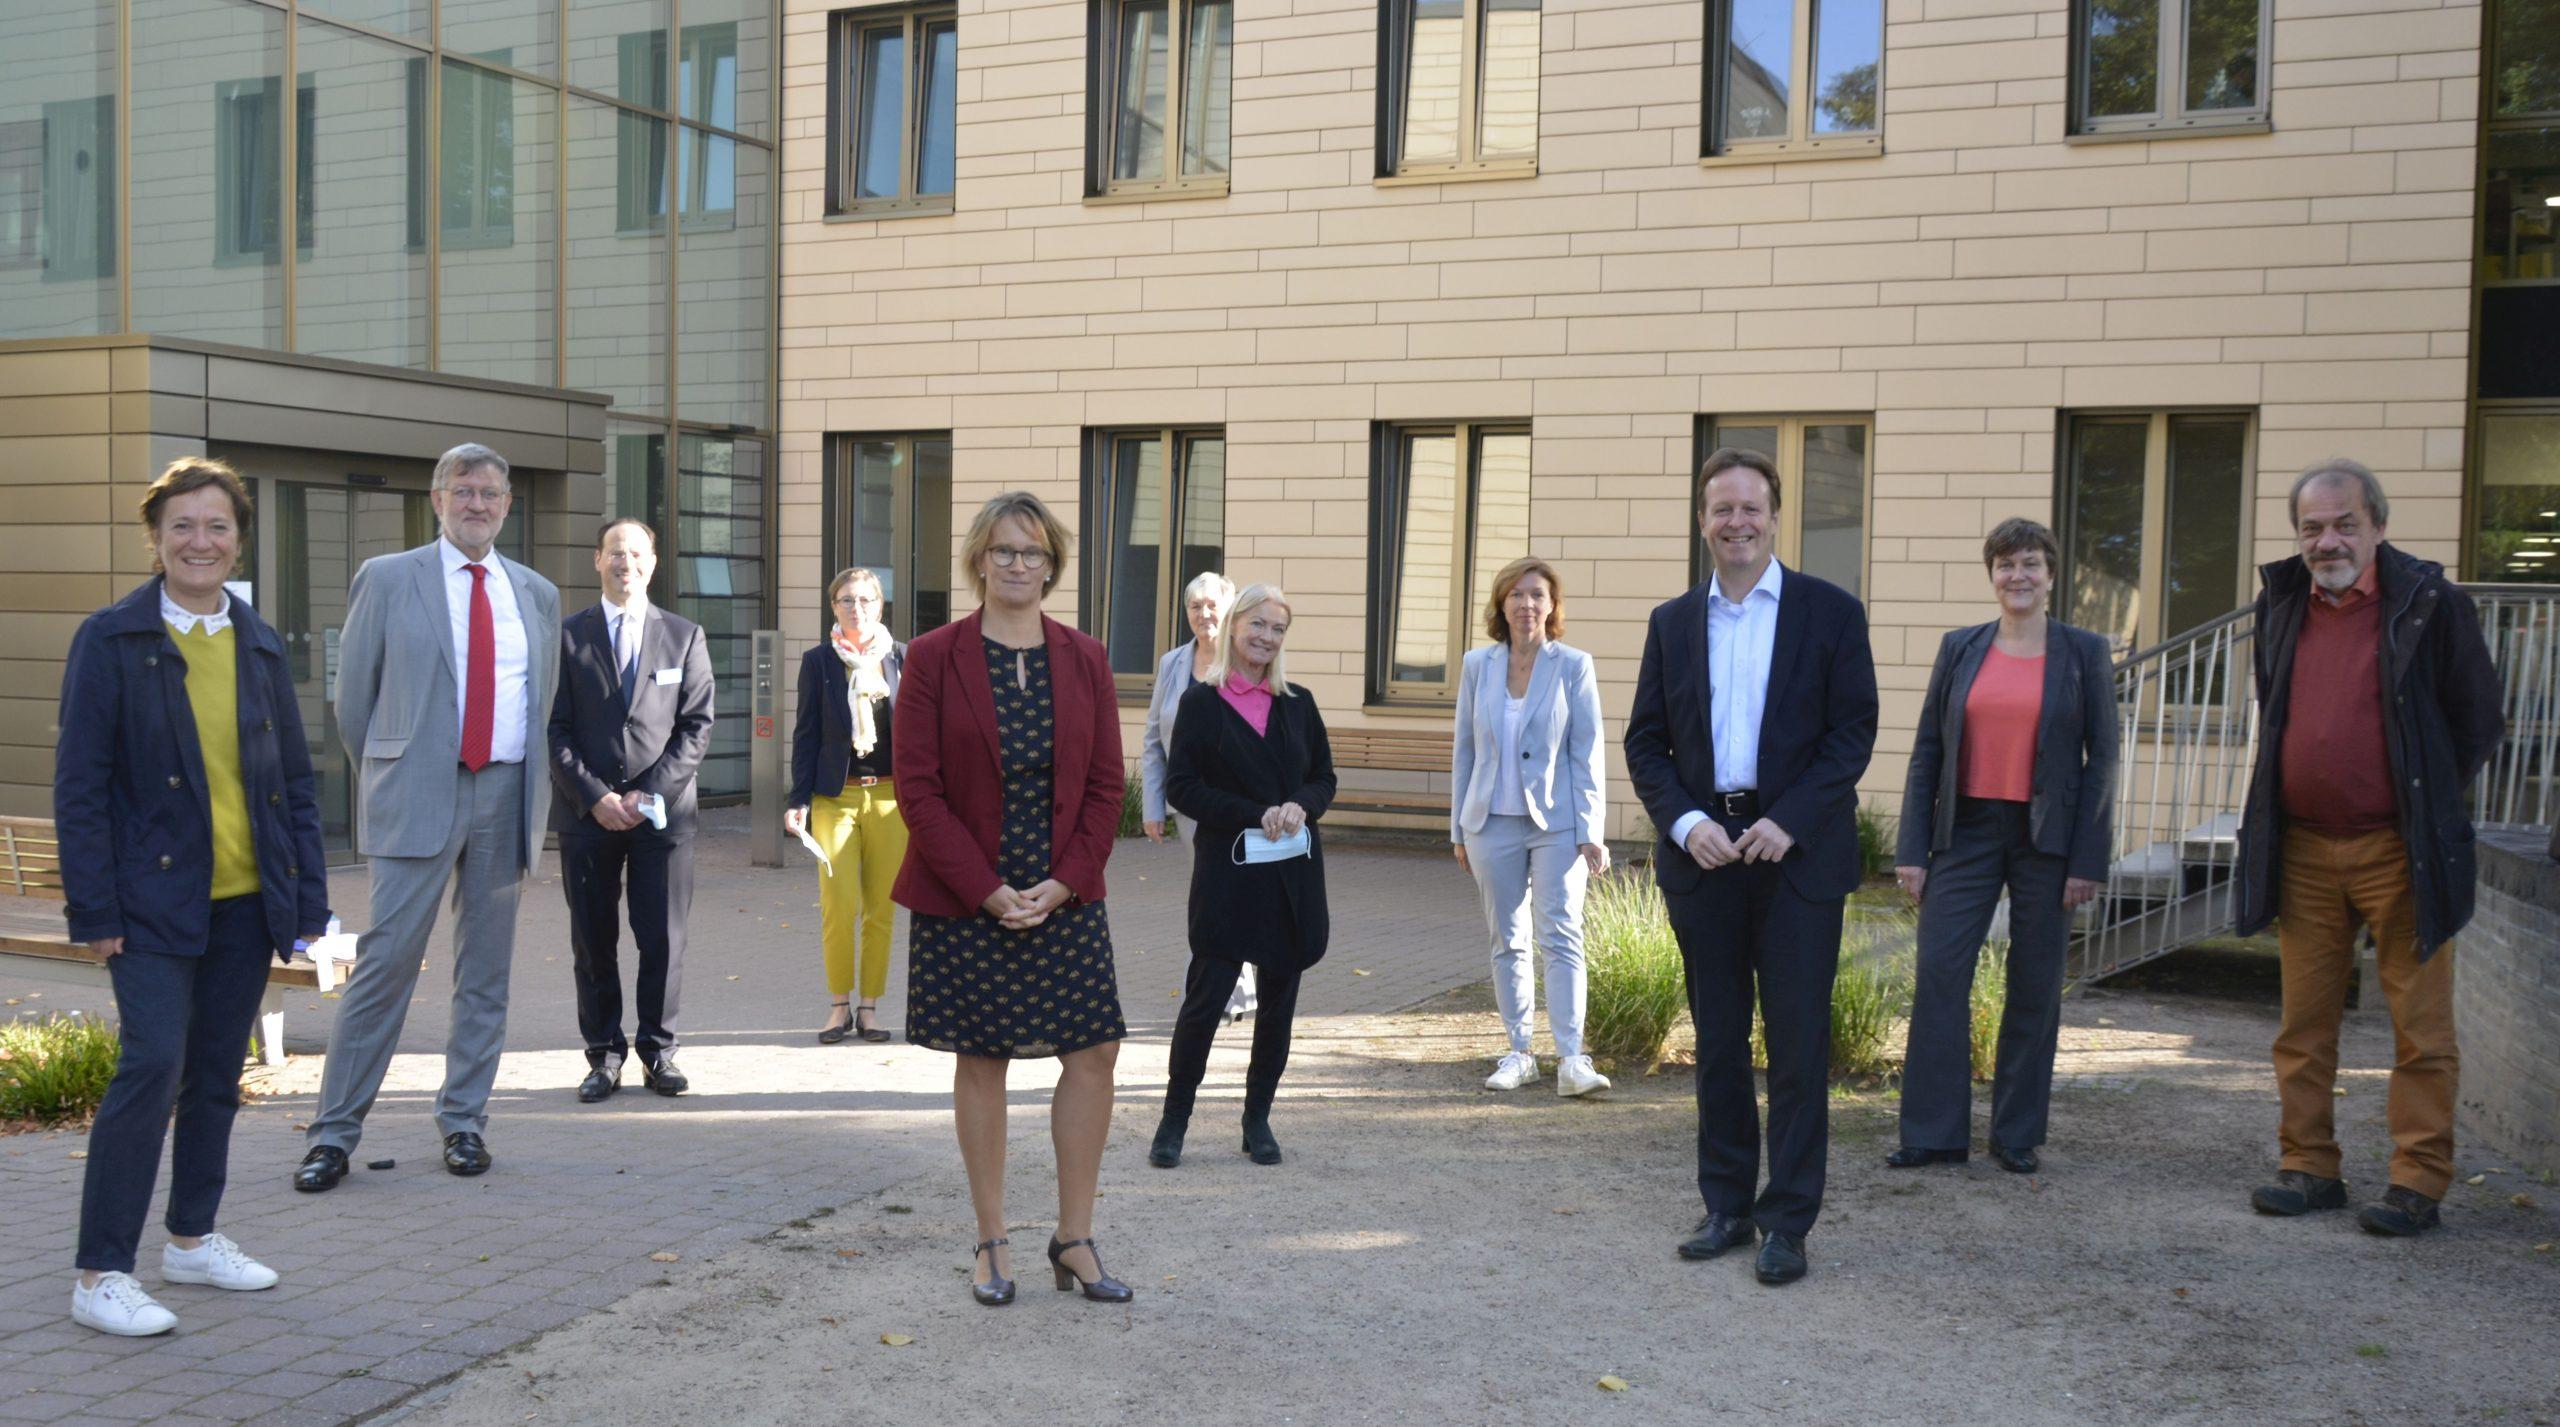 Ev Stiftung Alsterdorf